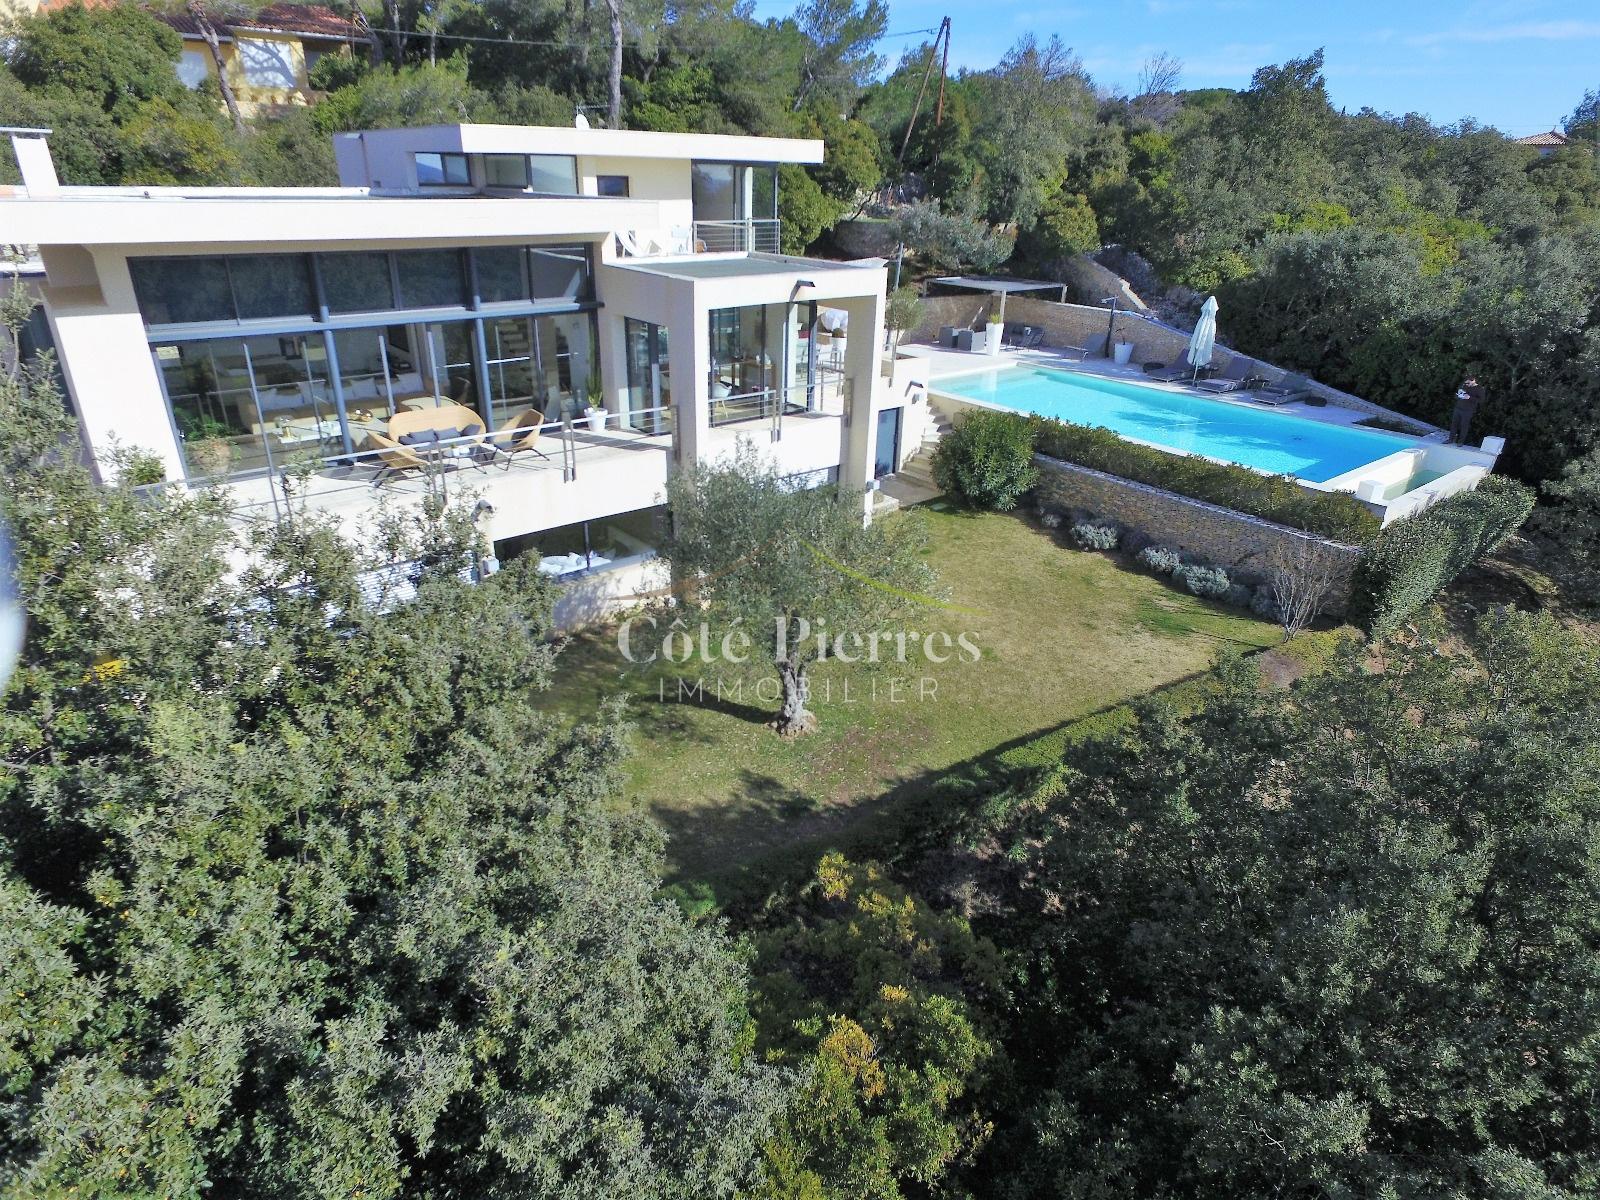 Vente maison villa nîmes 30000